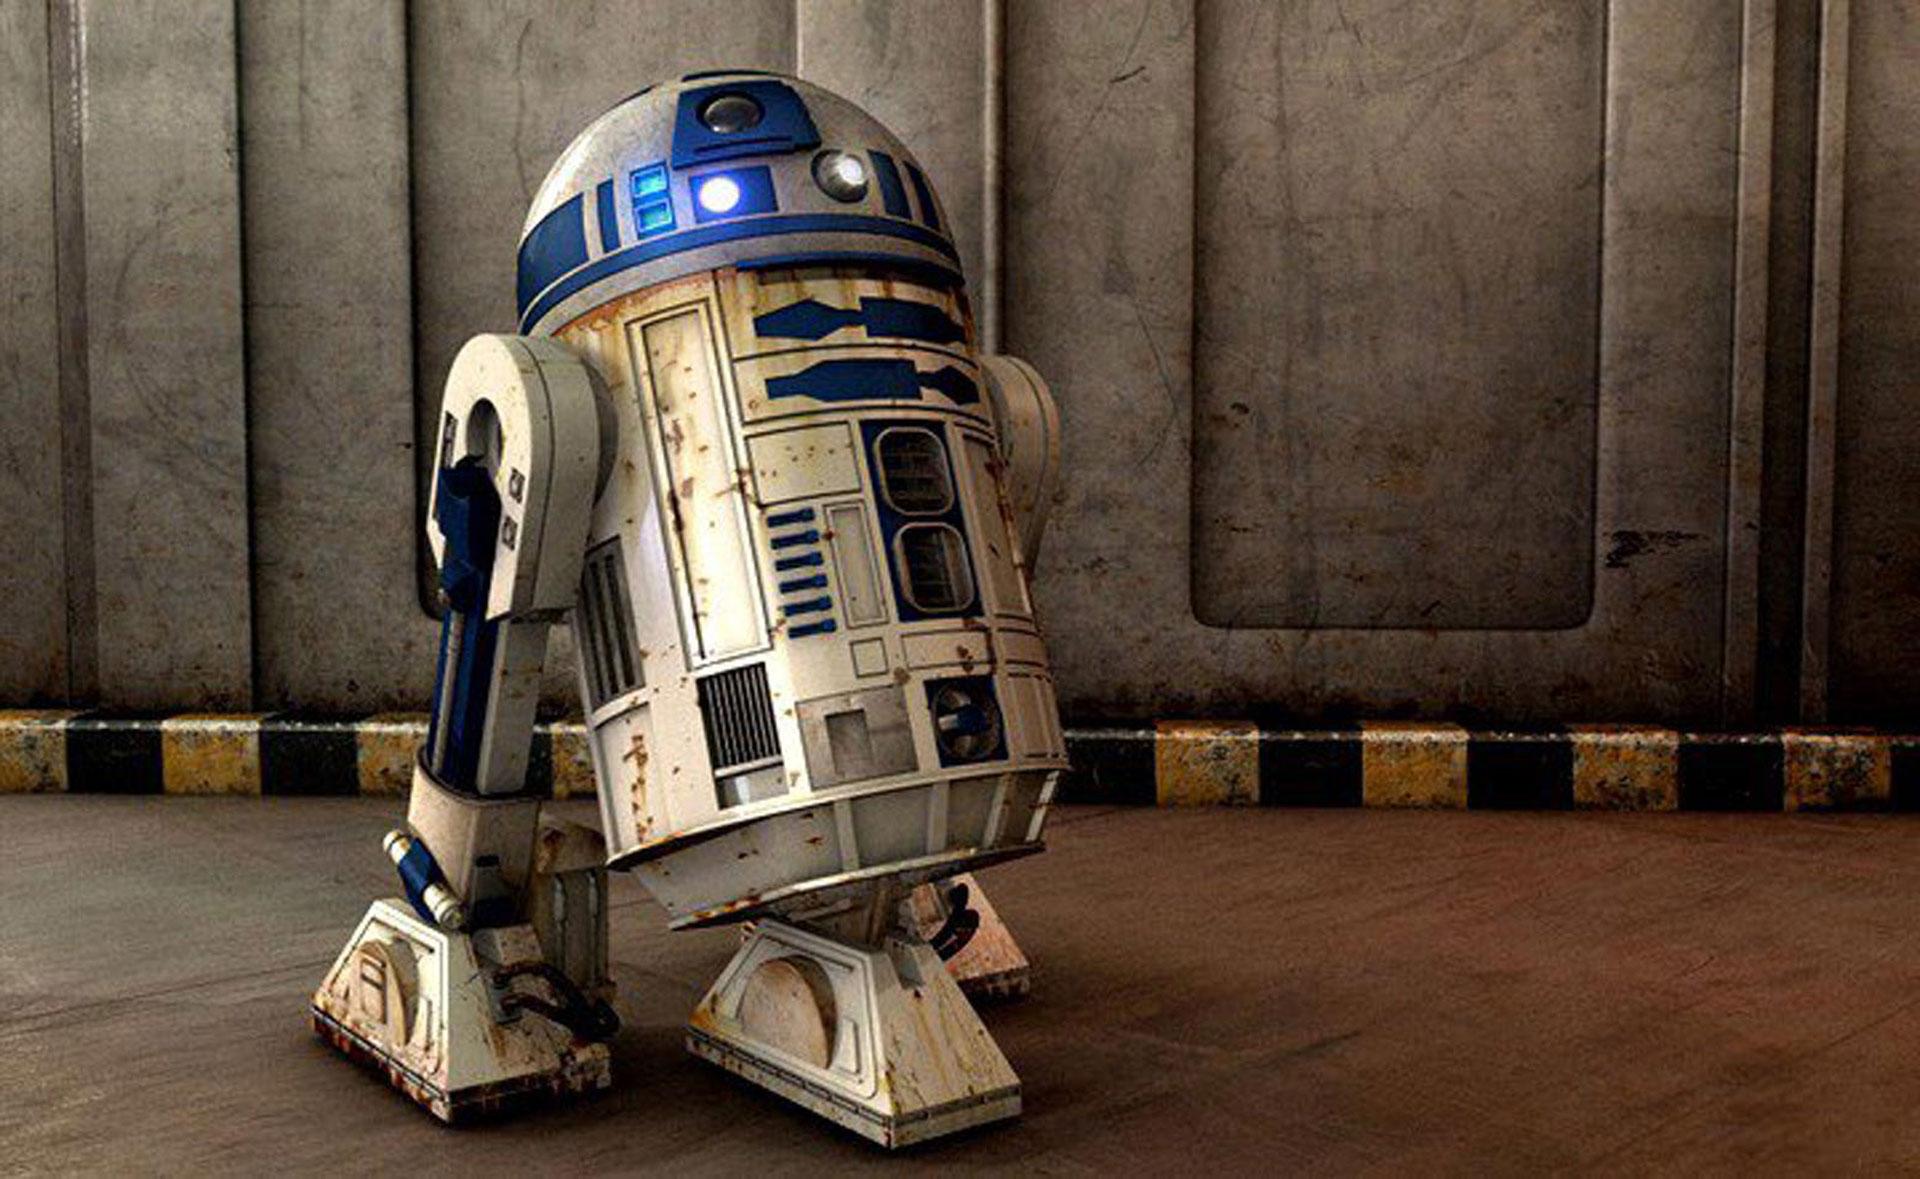 R2 D2 Wallpaper - WallpaperSafari